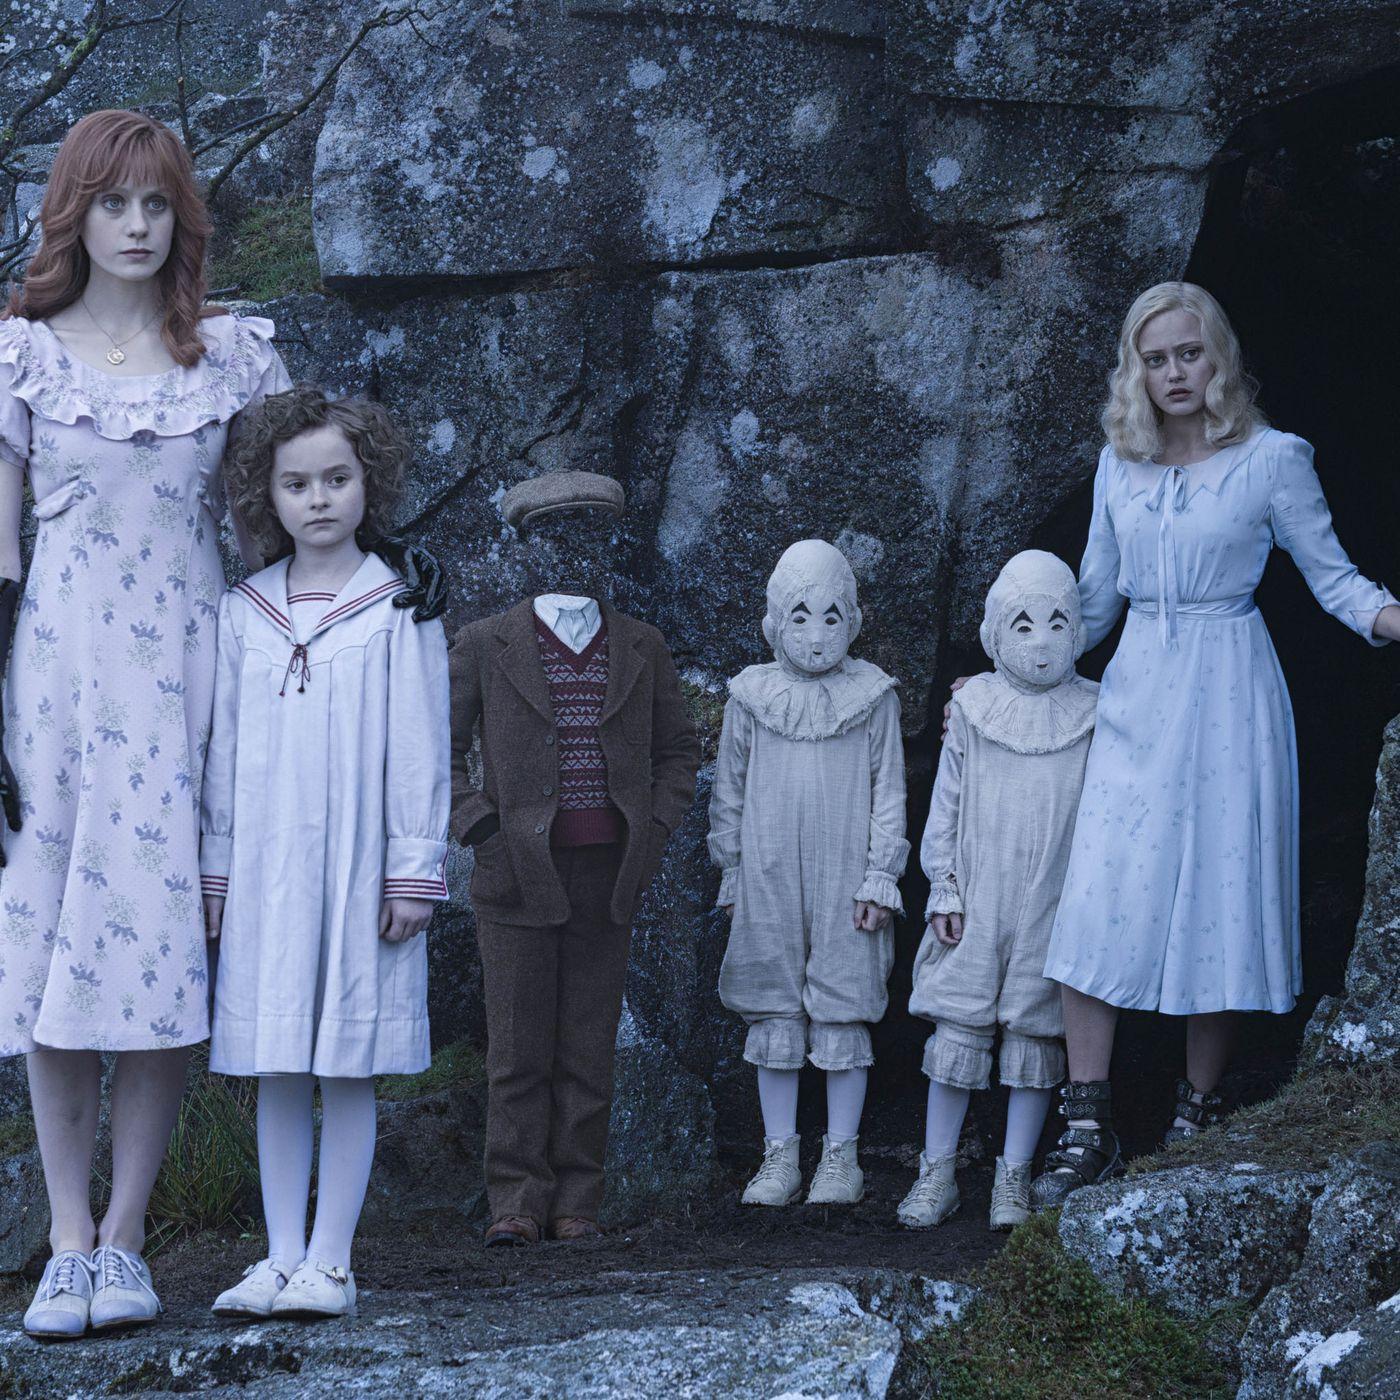 Tim Burton S Latest Film Doesn T Just Lack Diversity It Lacks